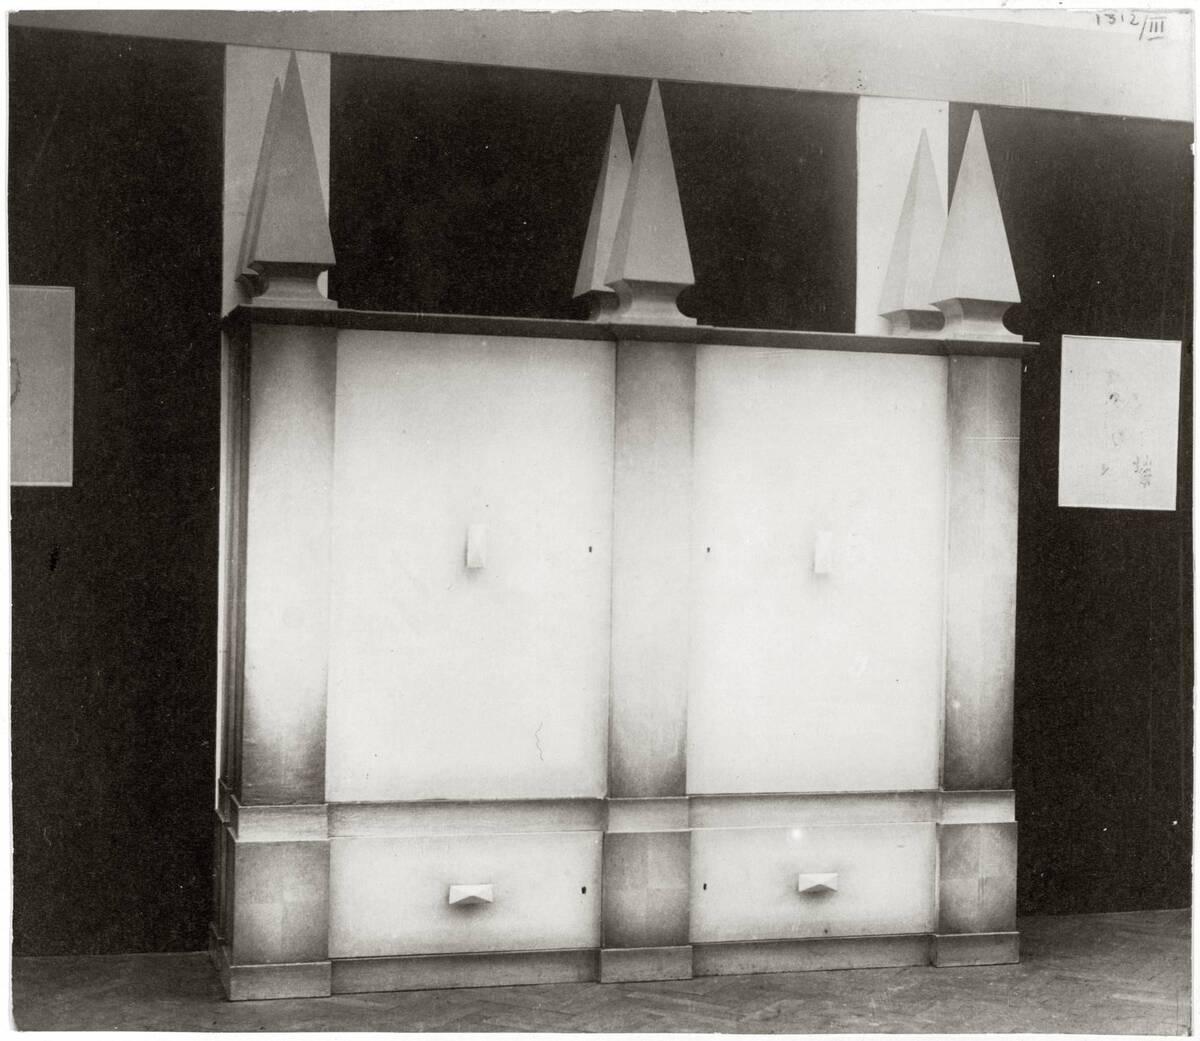 """""""Kasten mit 6 Pyramidenaufsätzen"""" für die Kunstschau 1920 im Österreichischen Museum für Kunst und Industrie, Wien I, Wollzeile 45 (heute Weiskirchnerstraße 3) von Peche, Dagobert"""